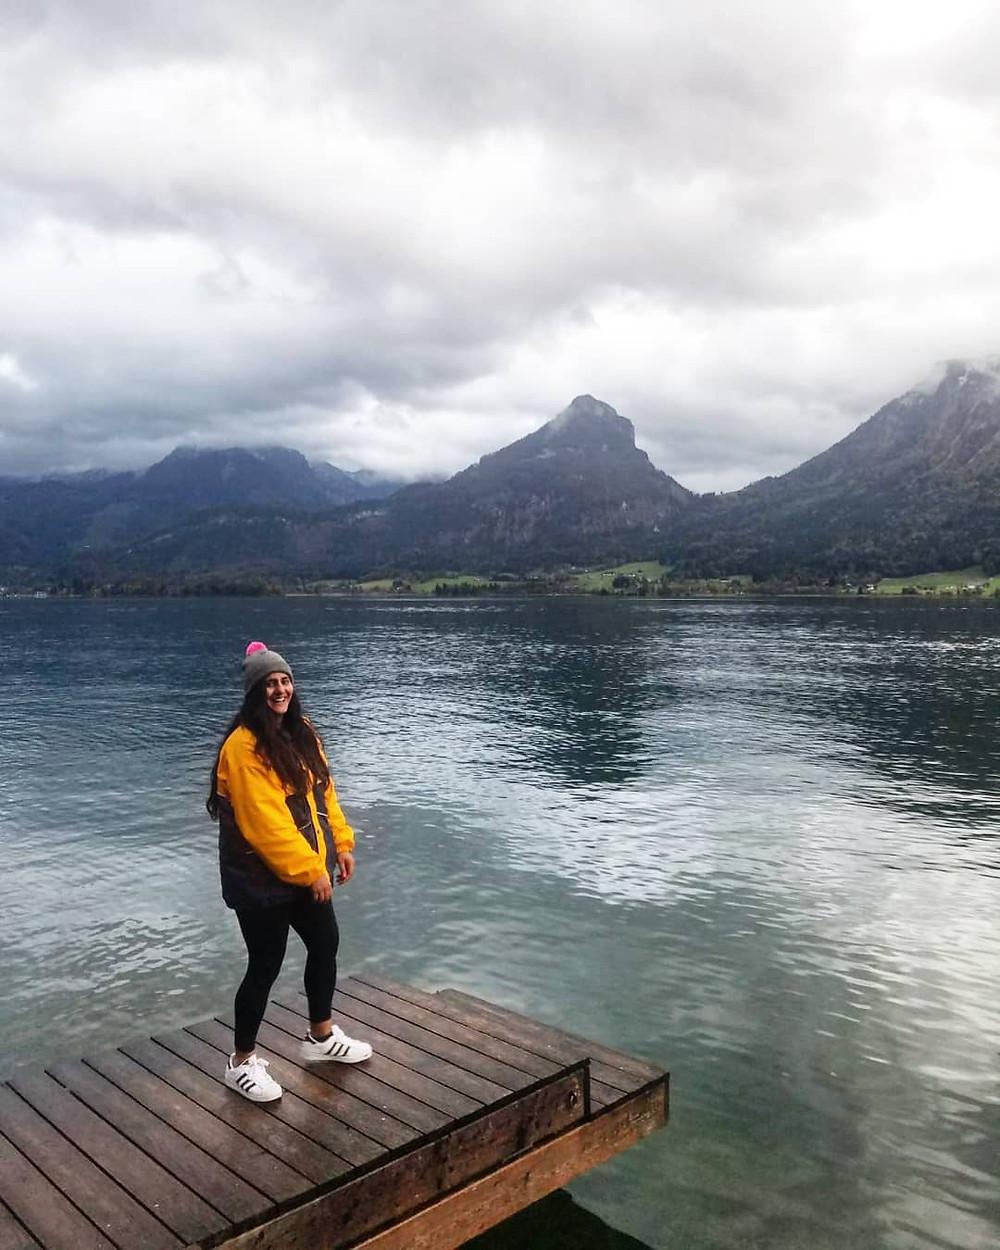 person, lake